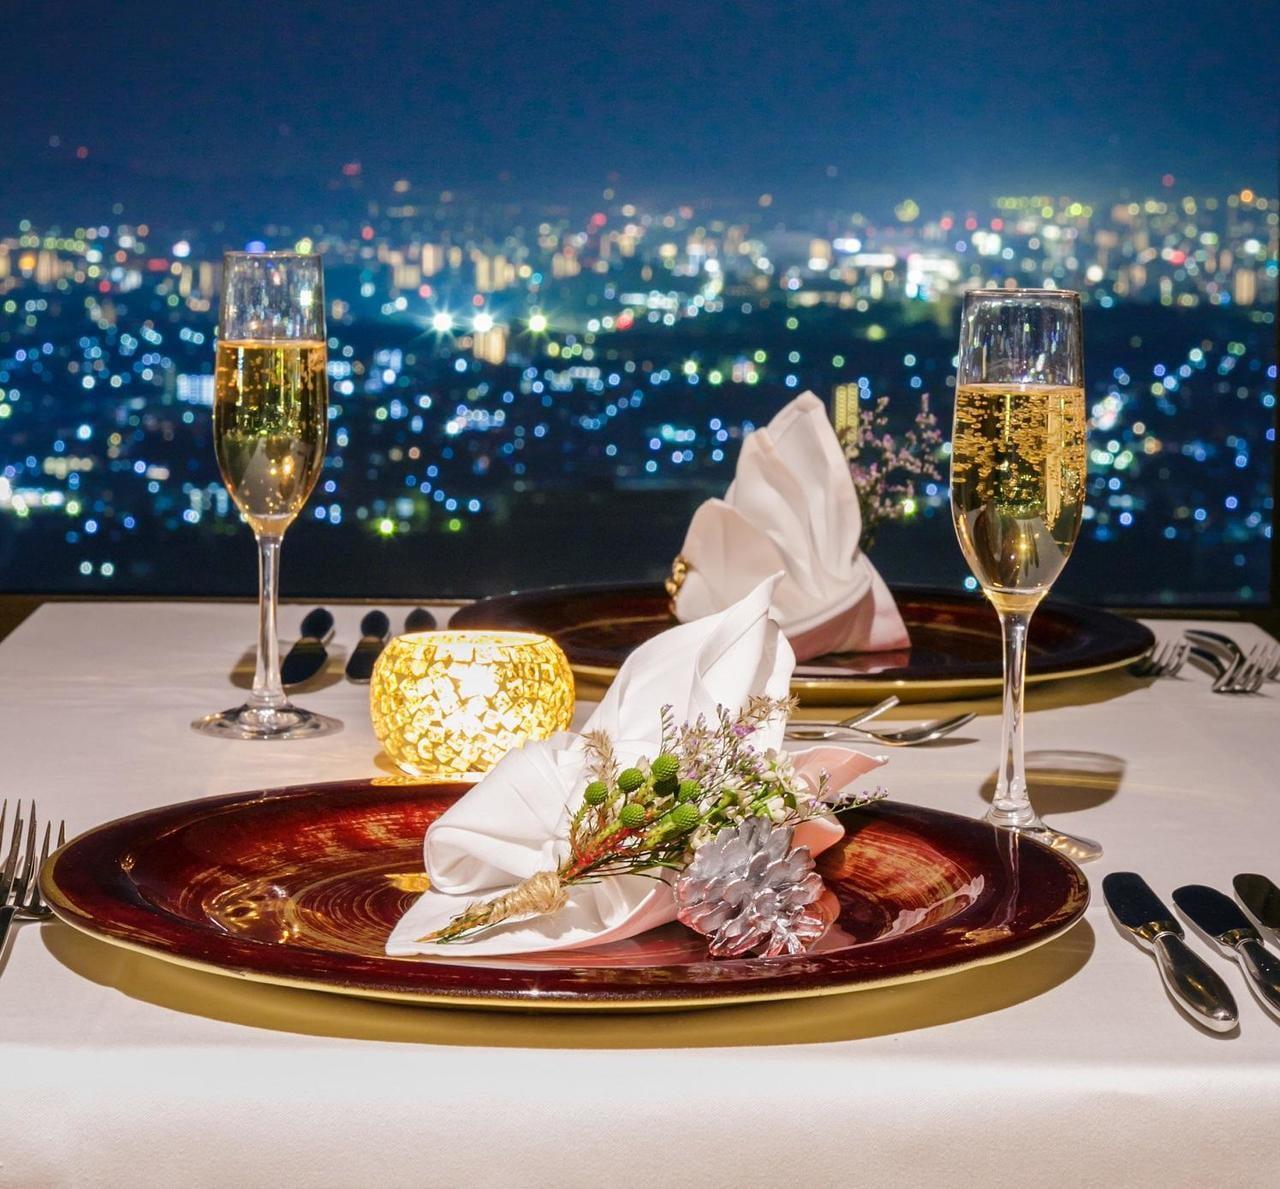 セトレハイランドヴィラ姫路がお届けする天空のクリスマスディナー